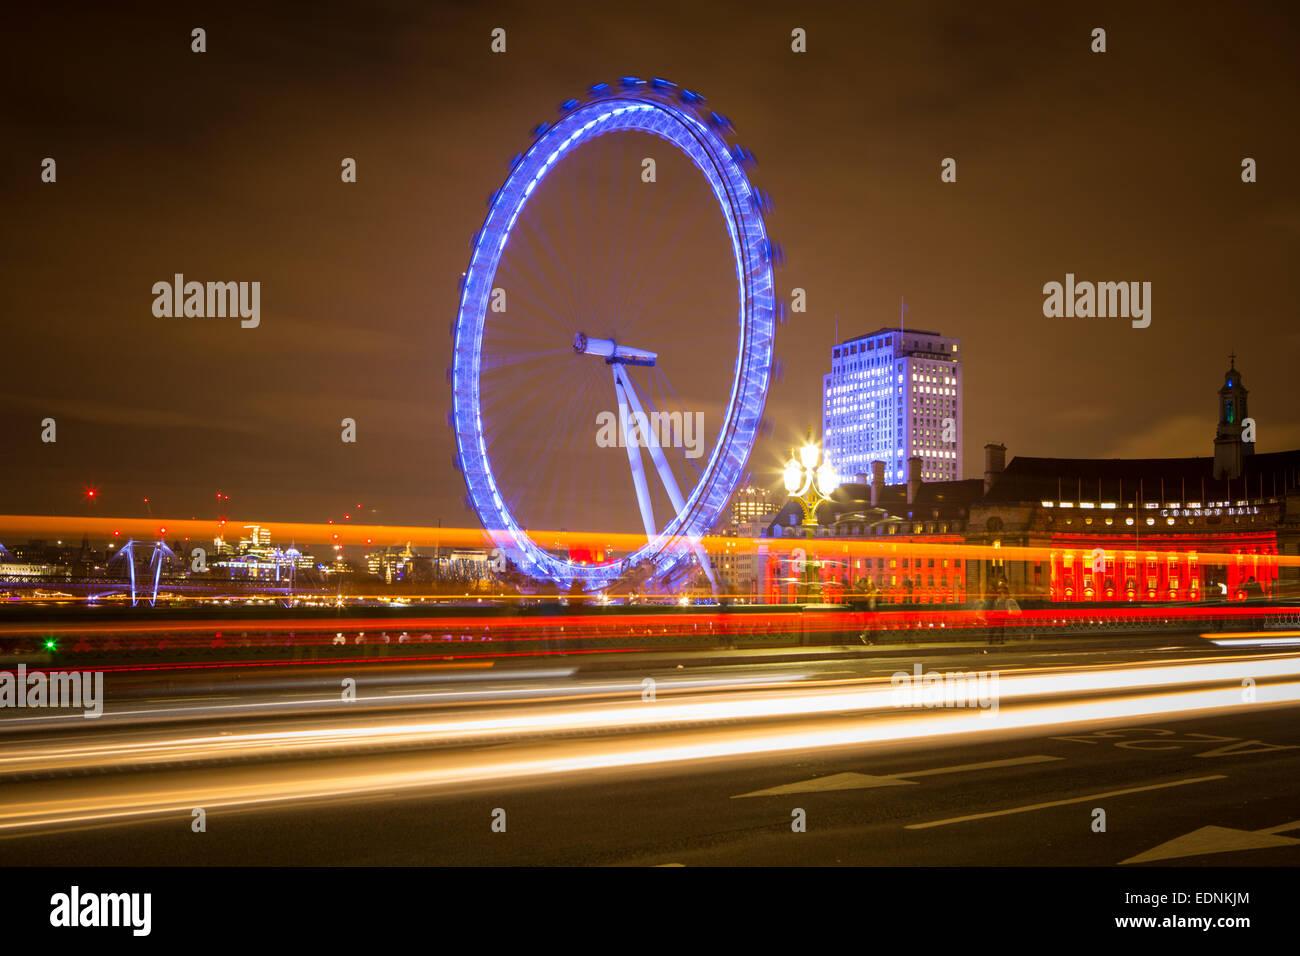 Fotografie von Roy Riley 0781 6547063 roy@royriley.co.uk The London Eye in der Nacht mit Reflexion und Verkehr Schlieren. Stockbild